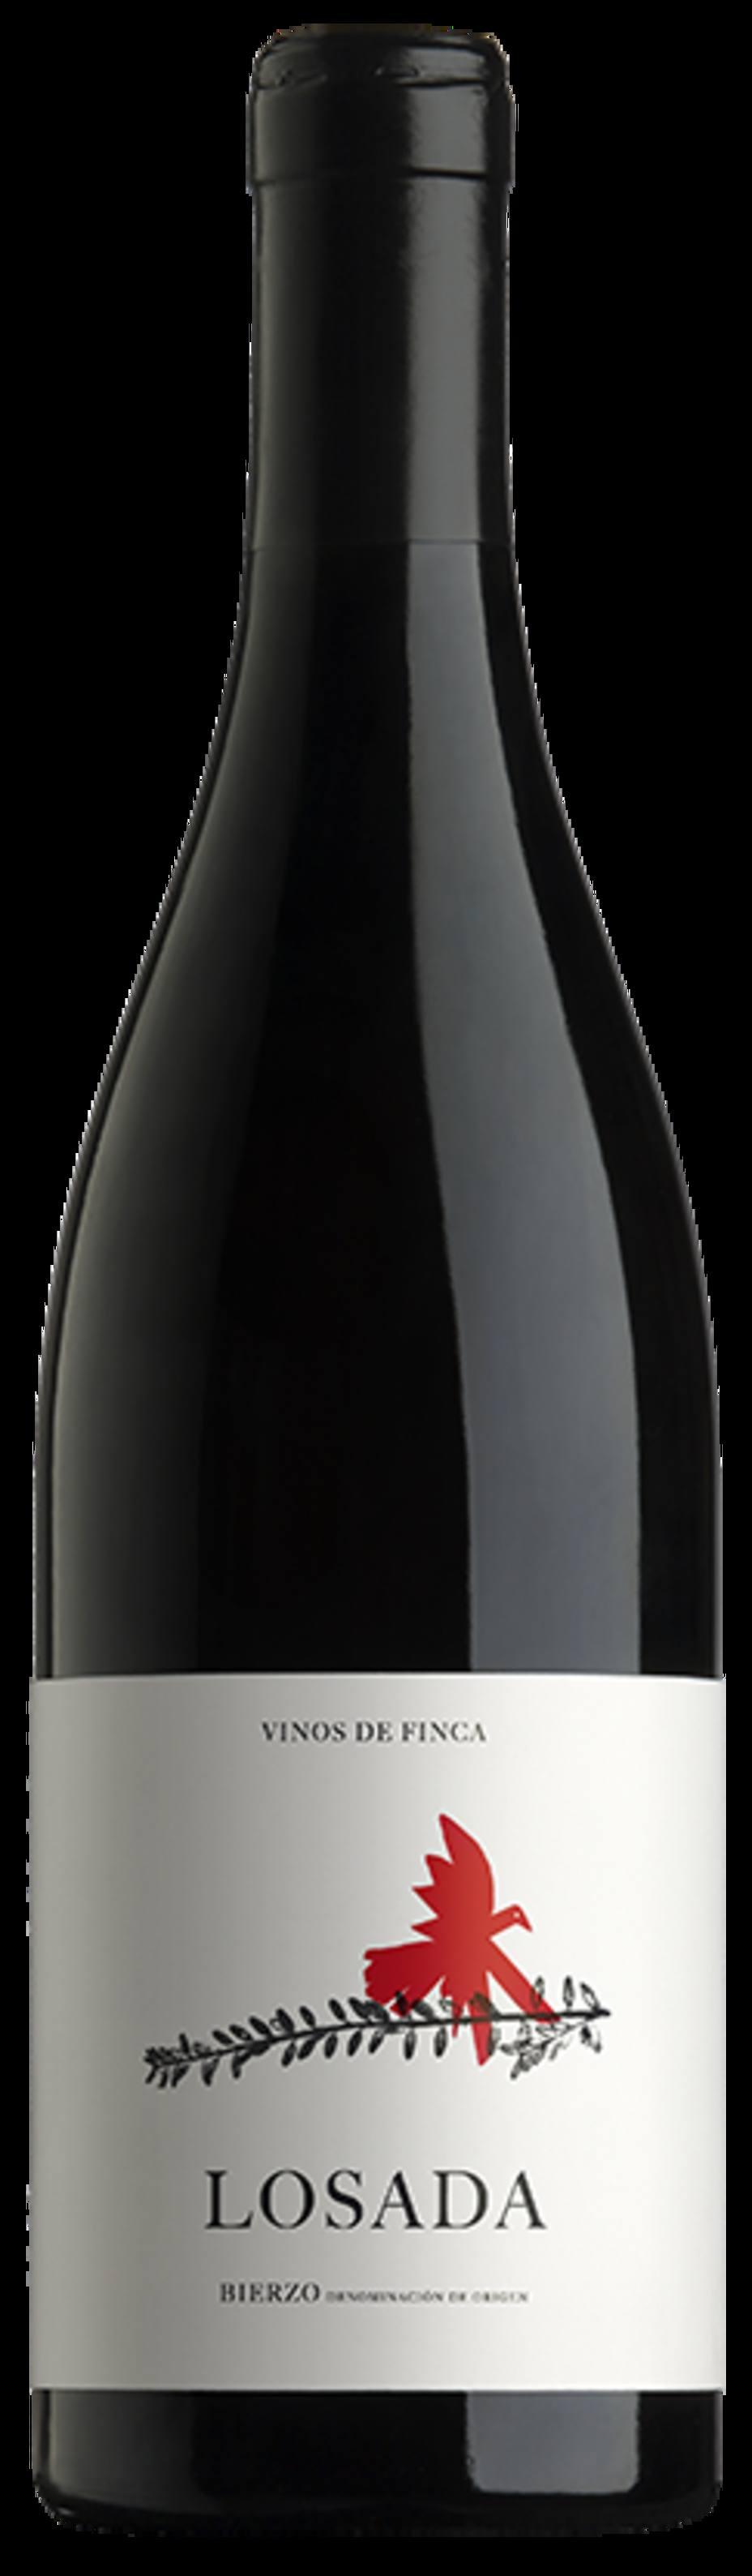 Los vinos bercianos La Bienquerida y Losada, entre los 30 españoles favoritos del experto James Suckling